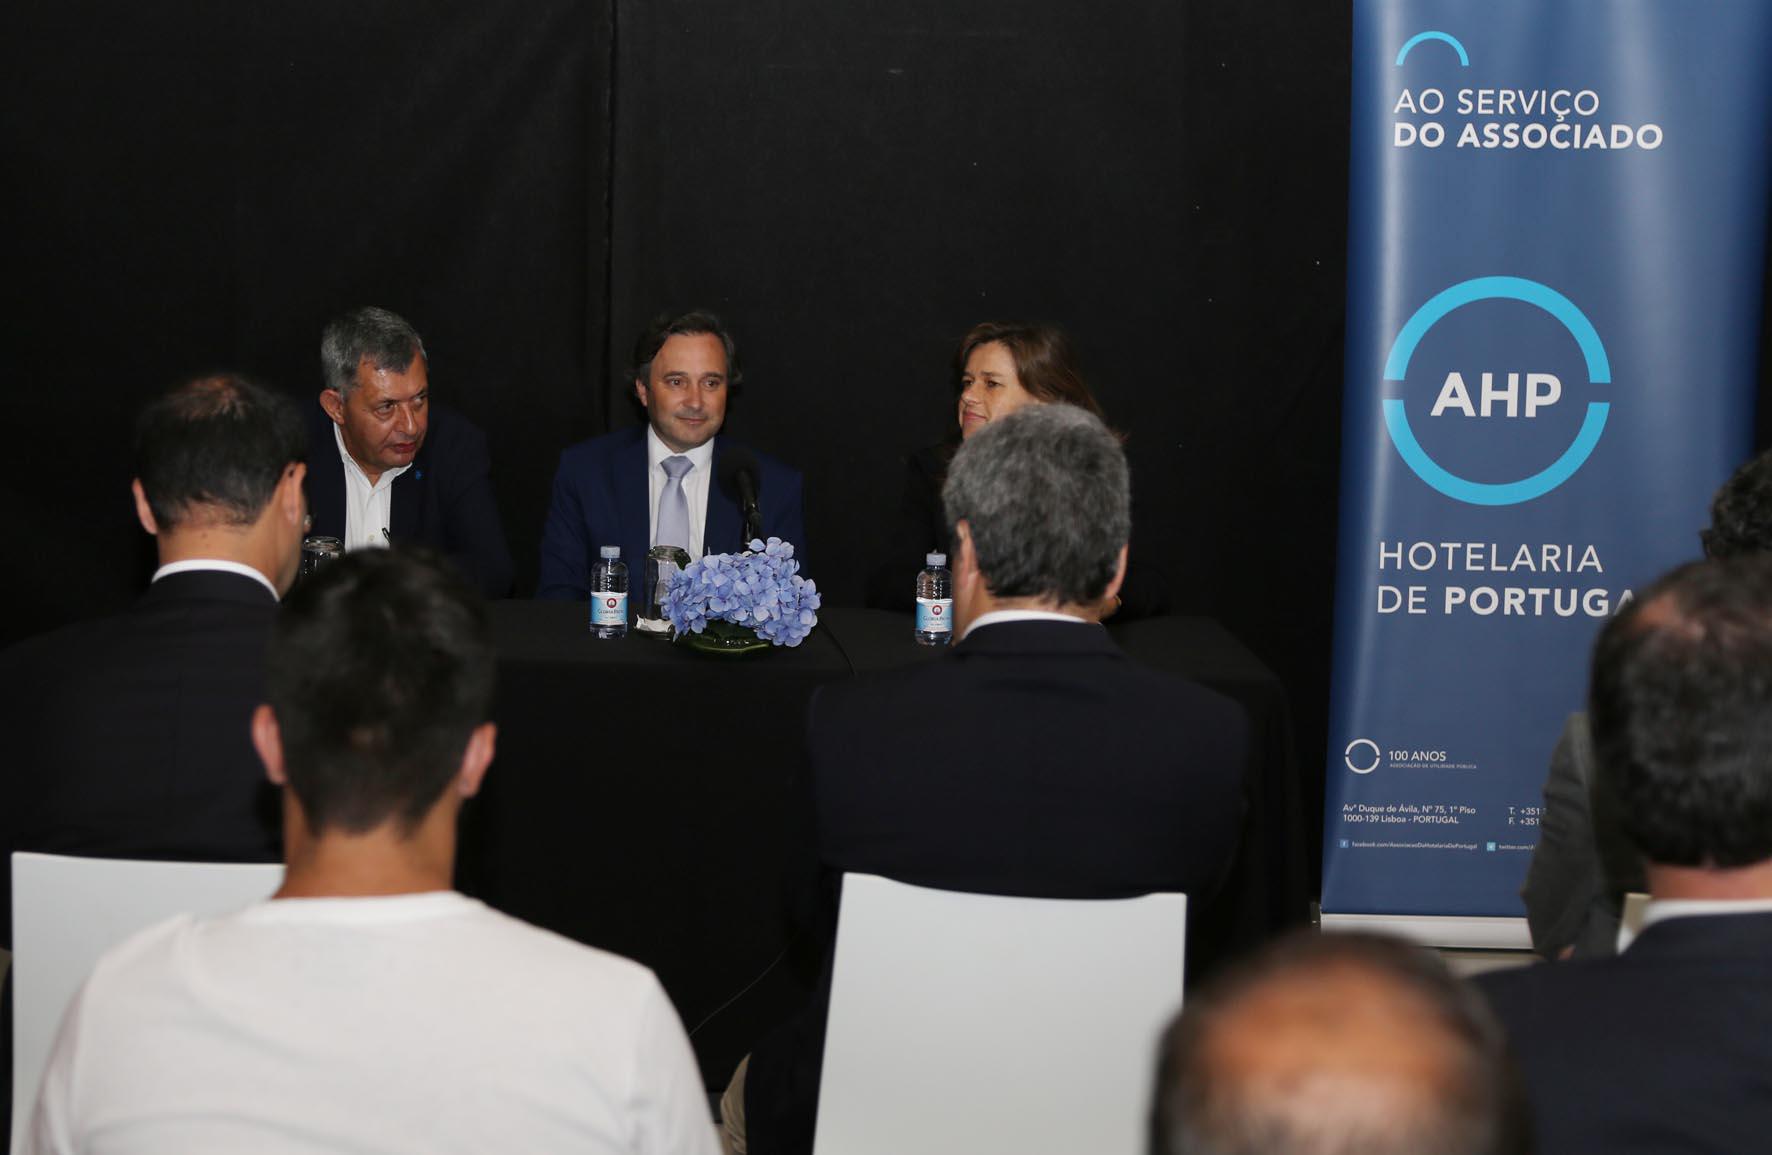 Bom momento do turismo regional deve ser encarado como ponto de partida para afirmação do destino, afirma Vítor Fraga